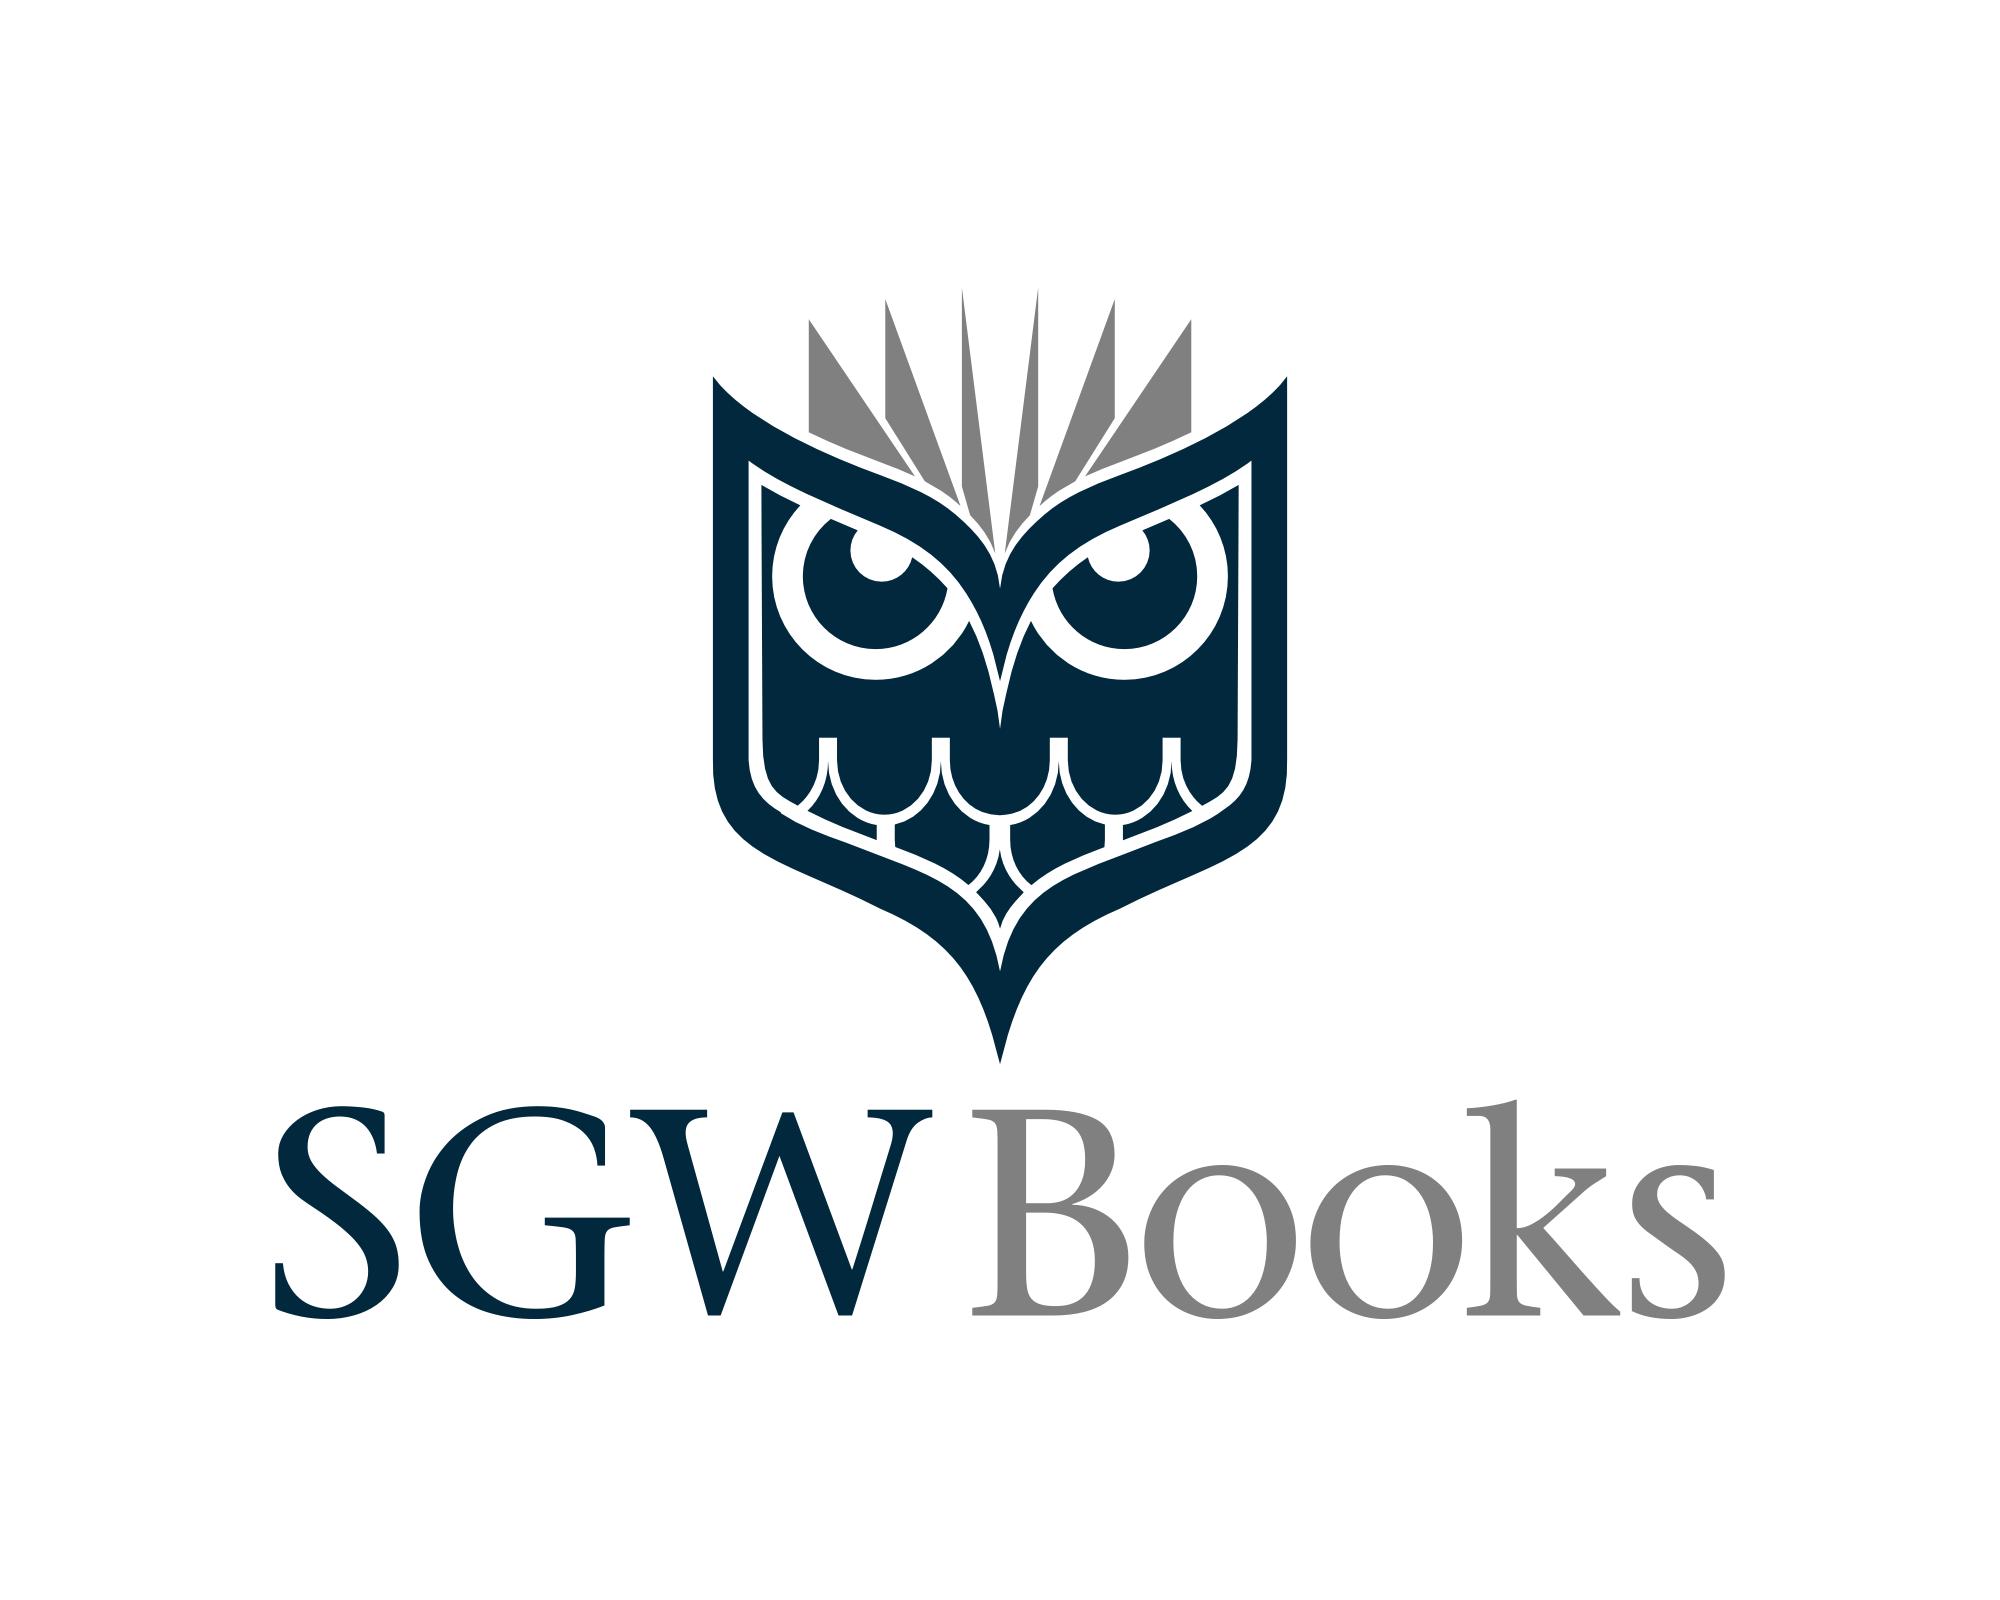 Logo Design by explogos - Entry No. 56 in the Logo Design Contest SGW Books Logo Design.